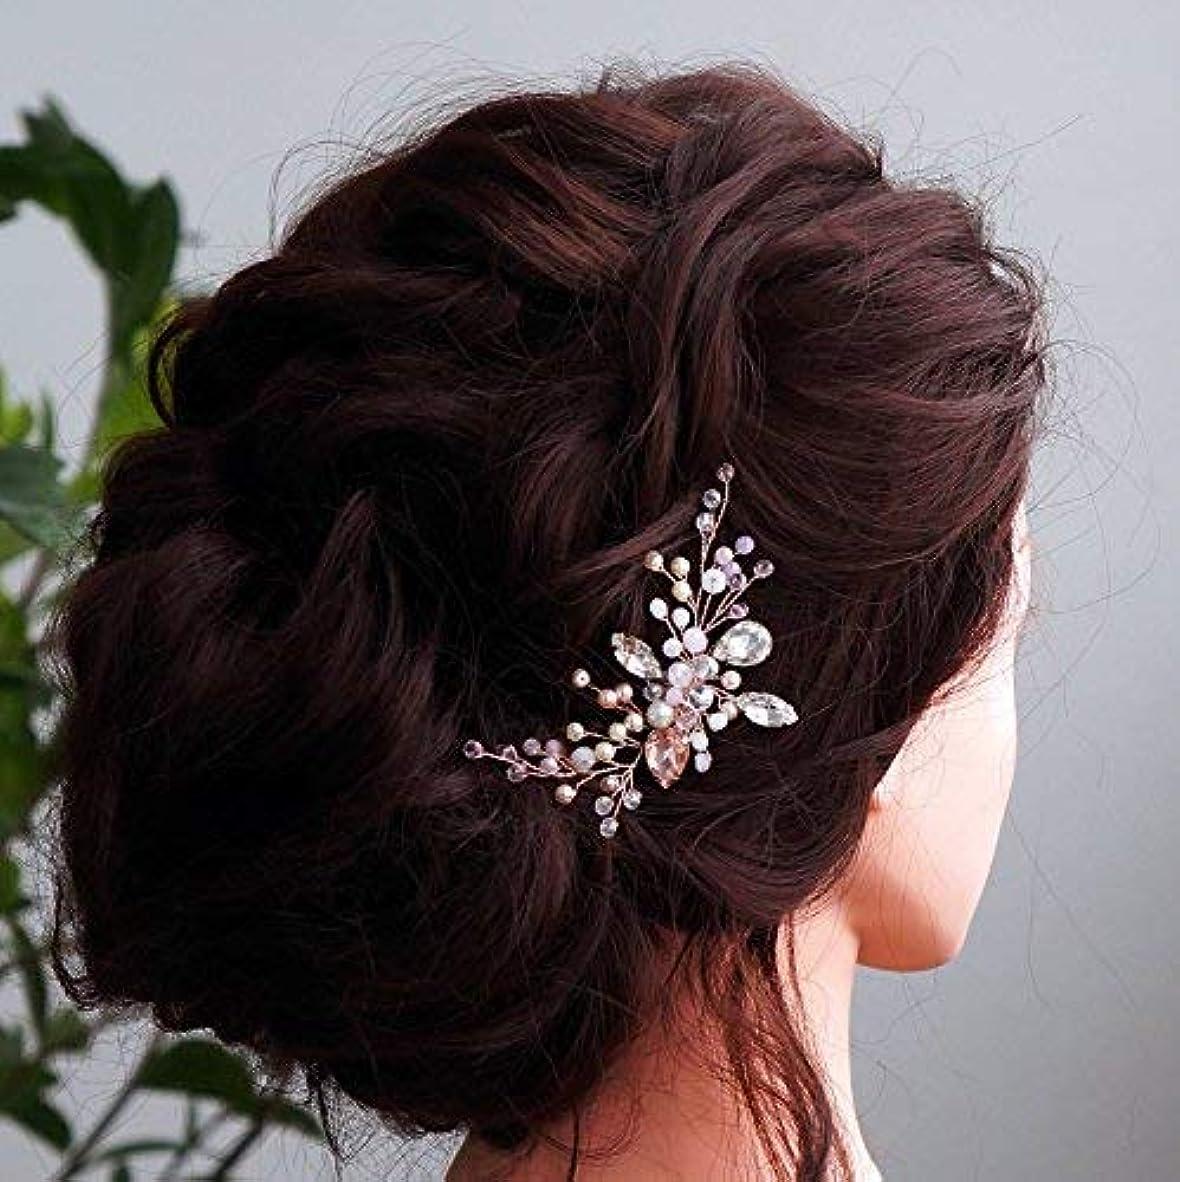 反映するファウル代替案Kercisbeauty Wedding Bridal Bridesmaids Flower Girl Pink Crystal Beads and Rhinestone Tiny Cute Hair Comb Headband...